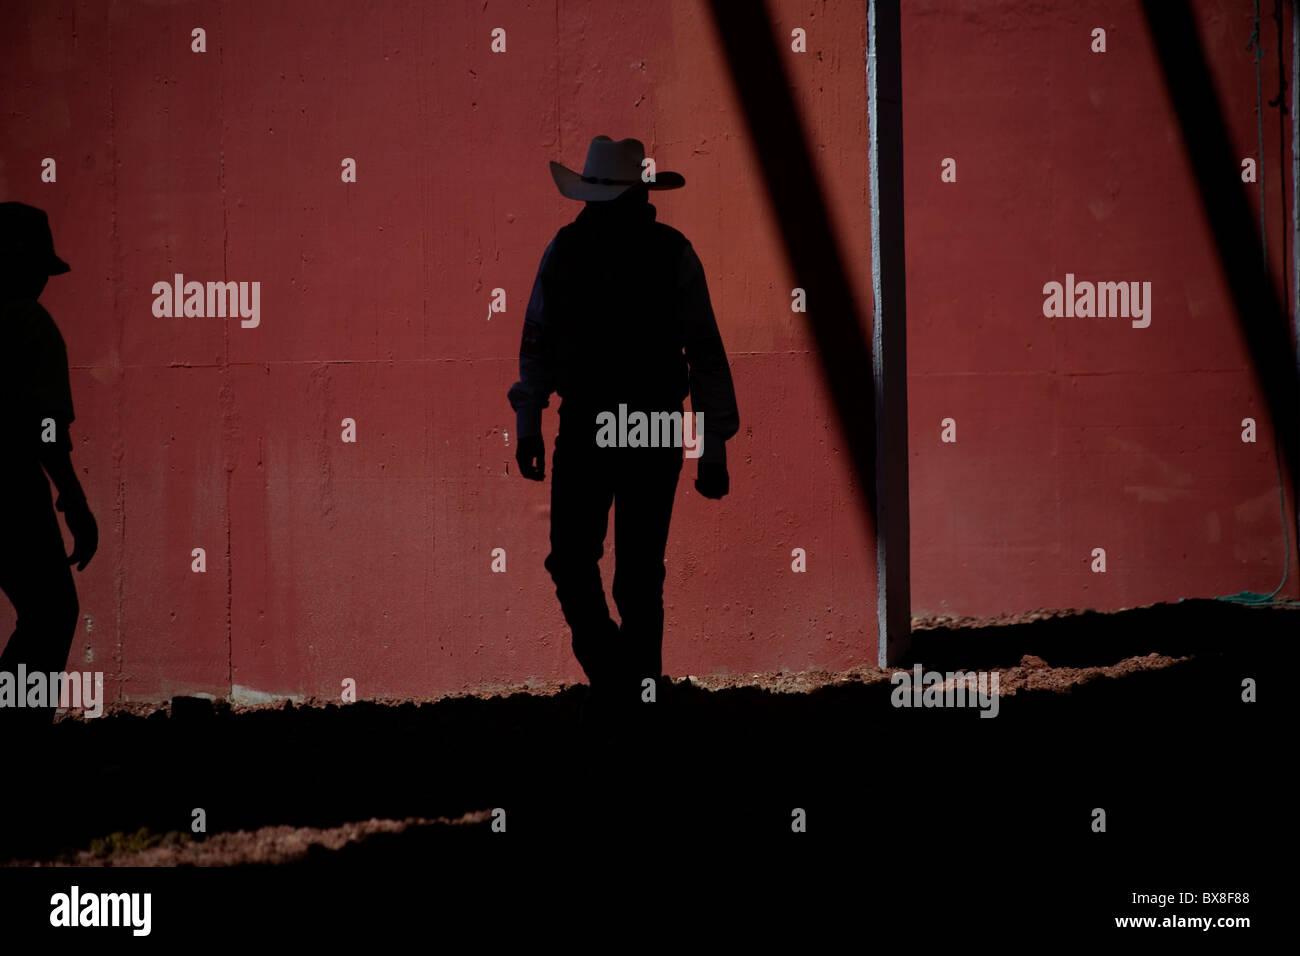 Mexico Cowboy Imágenes De Stock   Mexico Cowboy Fotos De Stock - Alamy 2e9d5908523